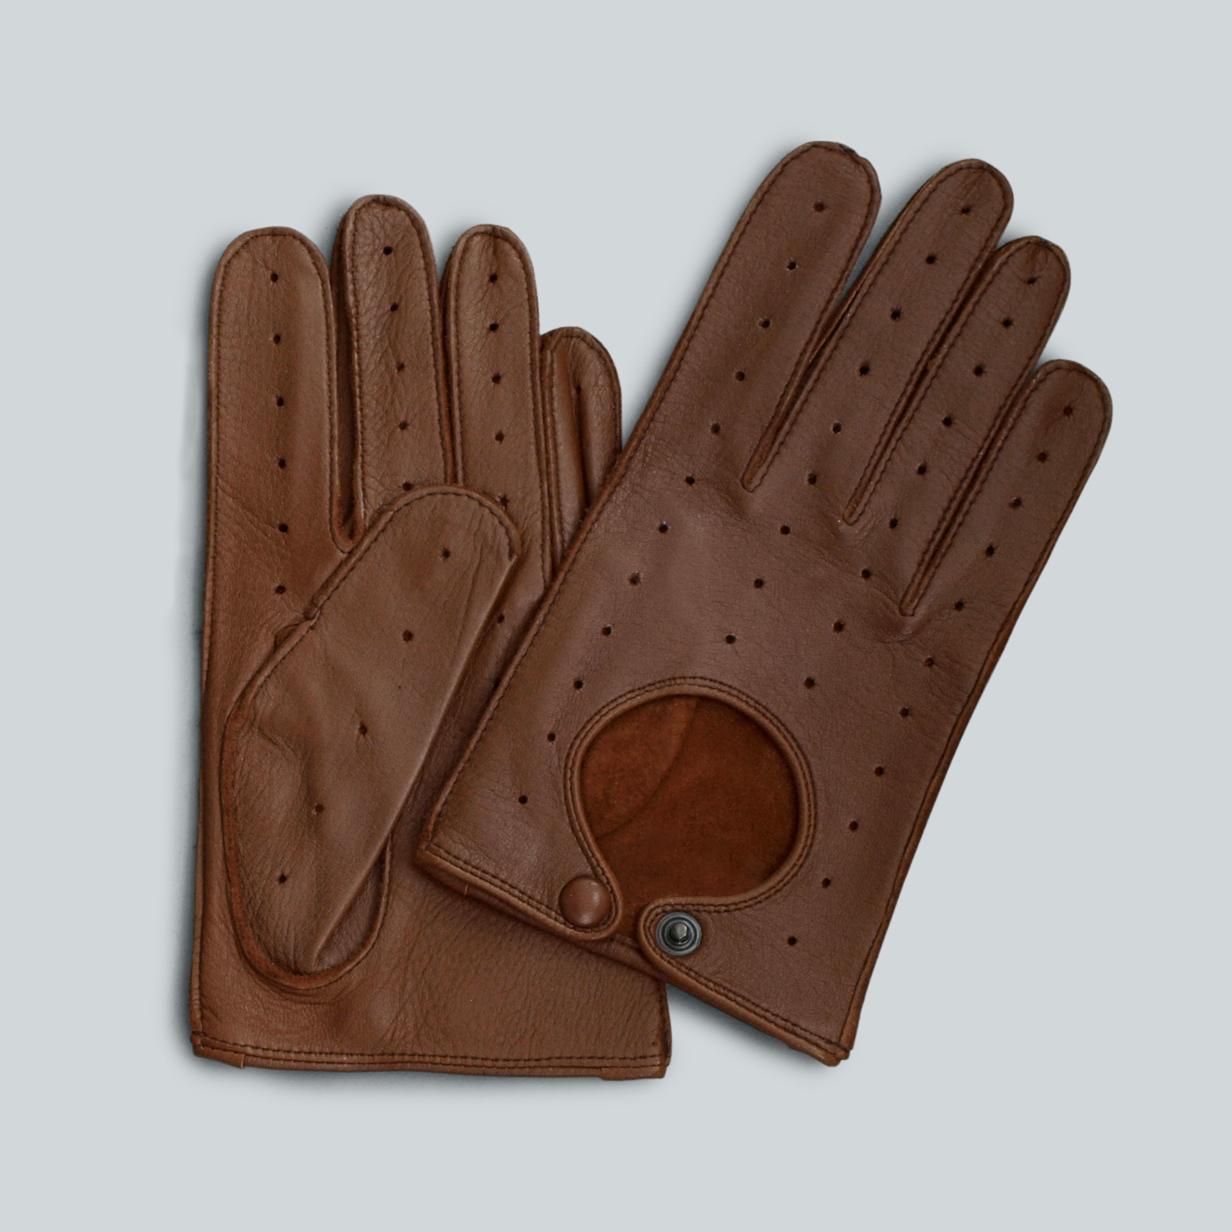 heinrici handschuhe aus elchleder farbe cognac. Black Bedroom Furniture Sets. Home Design Ideas